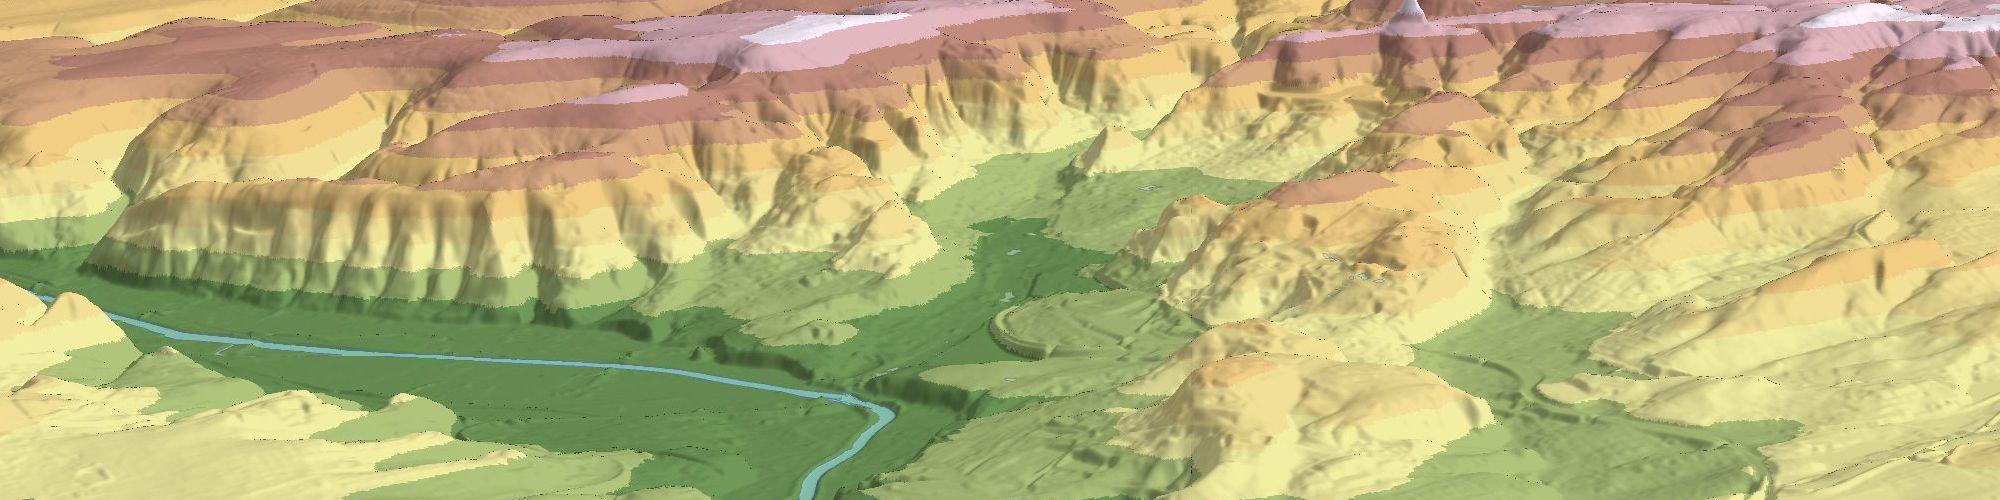 Bild: Digitales Geländemodell